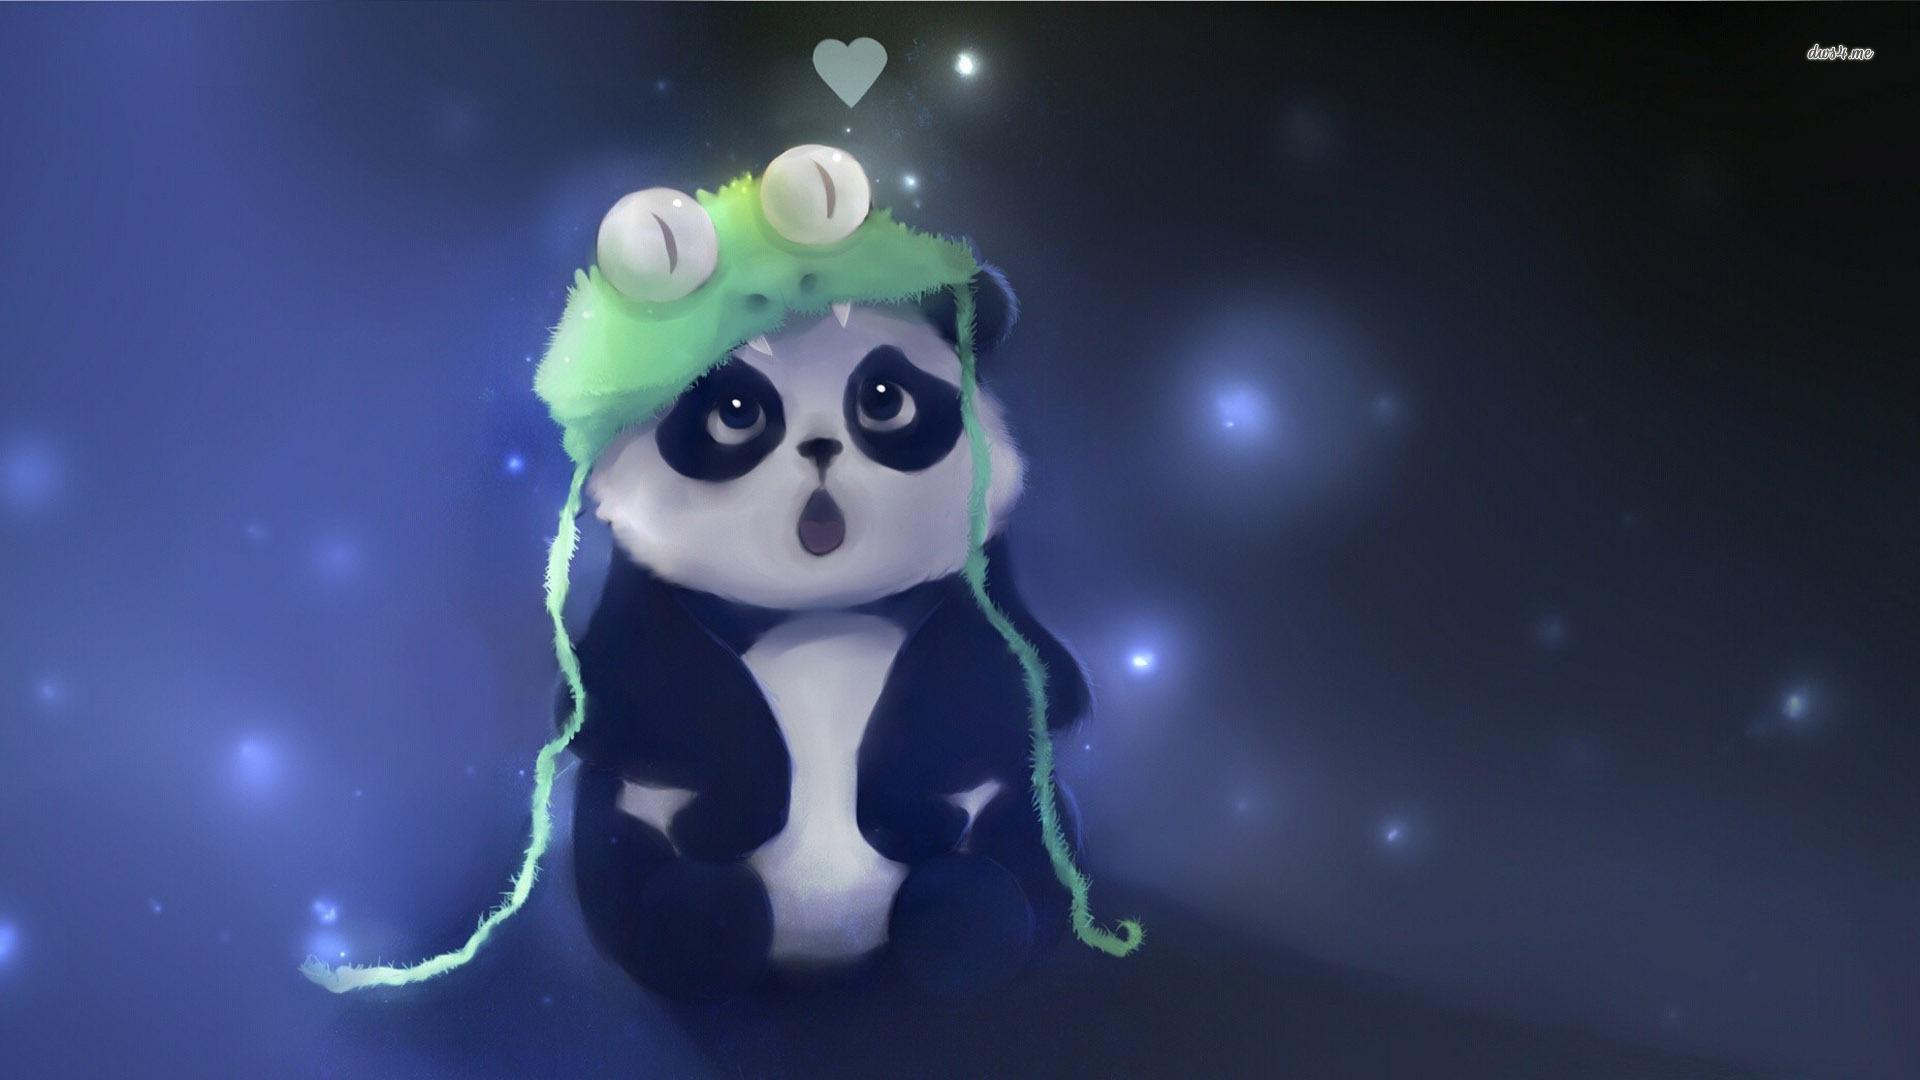 Cute anime panda wallpaper wallpapersafari - Panda anime wallpaper ...